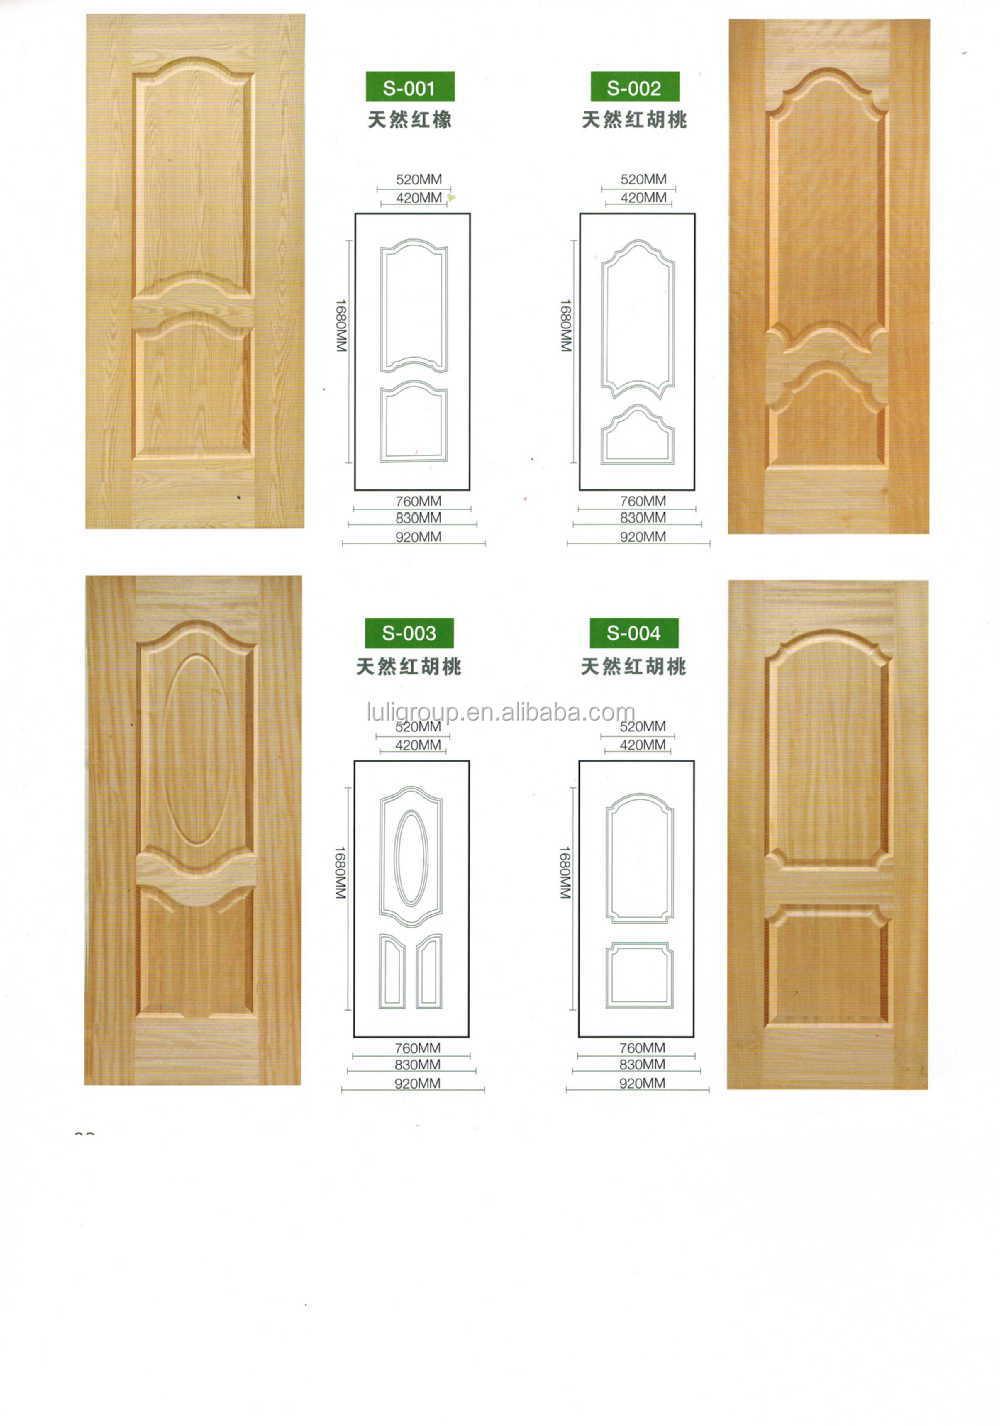 Melamine Hdf Door Skin /veneer Mdf Door Skin For Iran Market From ...